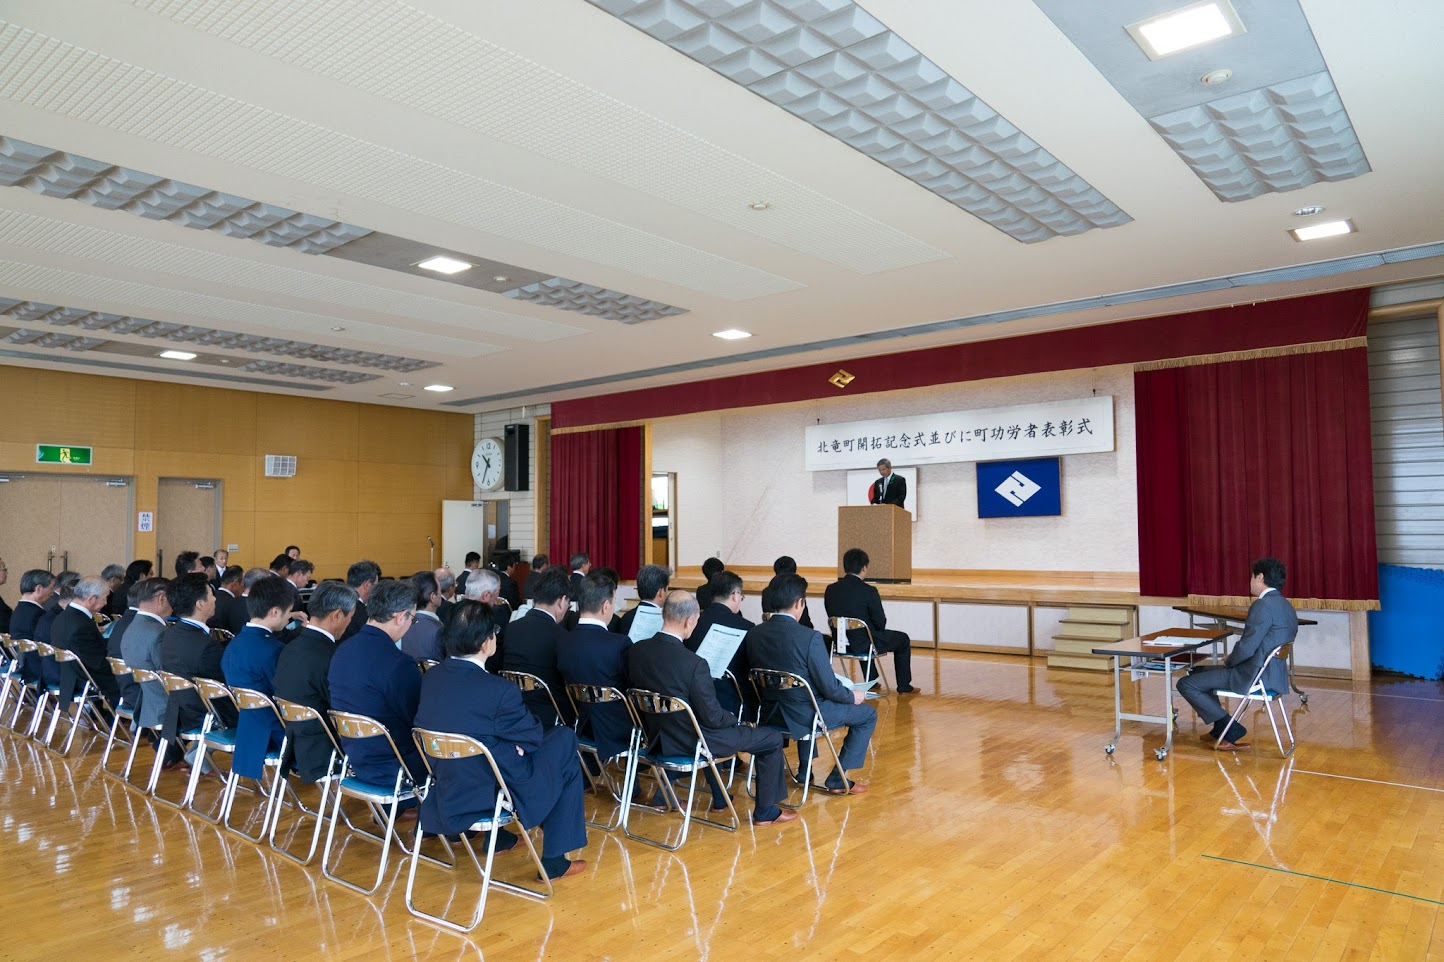 功労者表彰式(北竜町老人福祉センター)